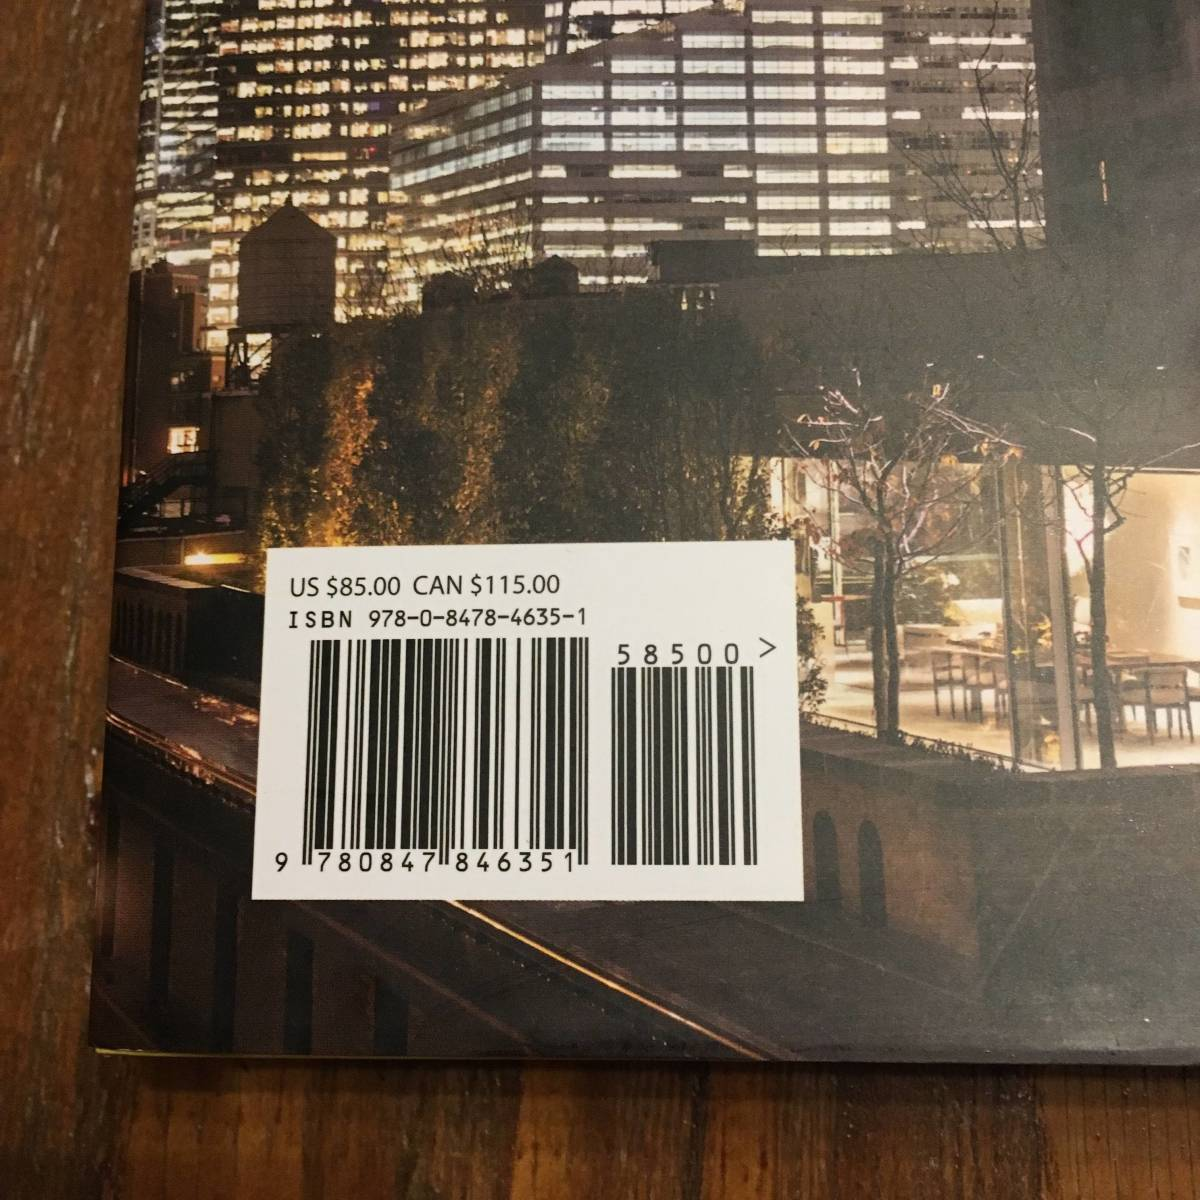 2018年 New York Splendor The City's Most Memorable Rooms Wendy Moonan Robert A.M Stern Rizzoli ニューヨーク luxury 部屋 デザイン_画像2